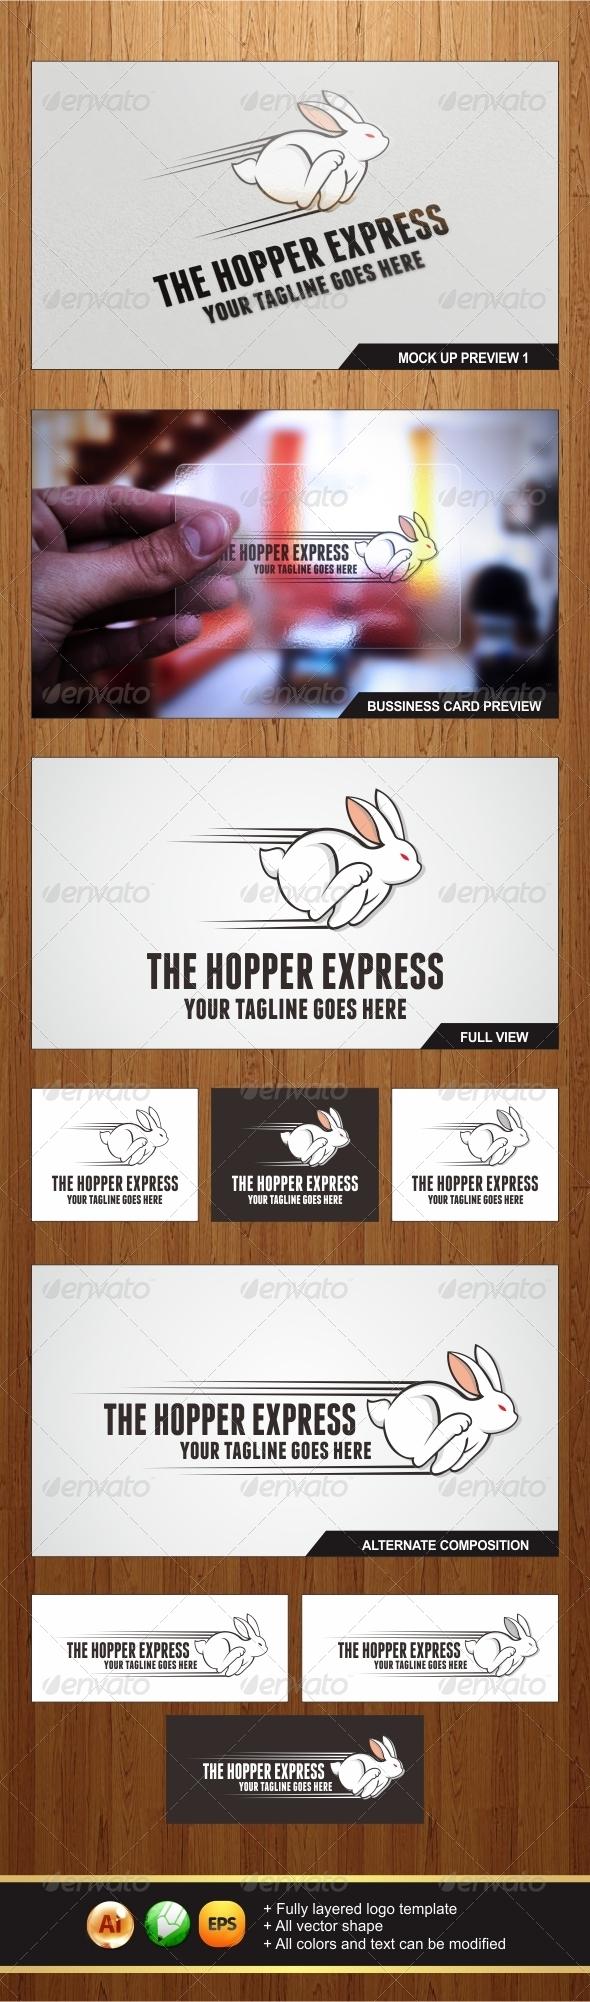 The Hopper Express